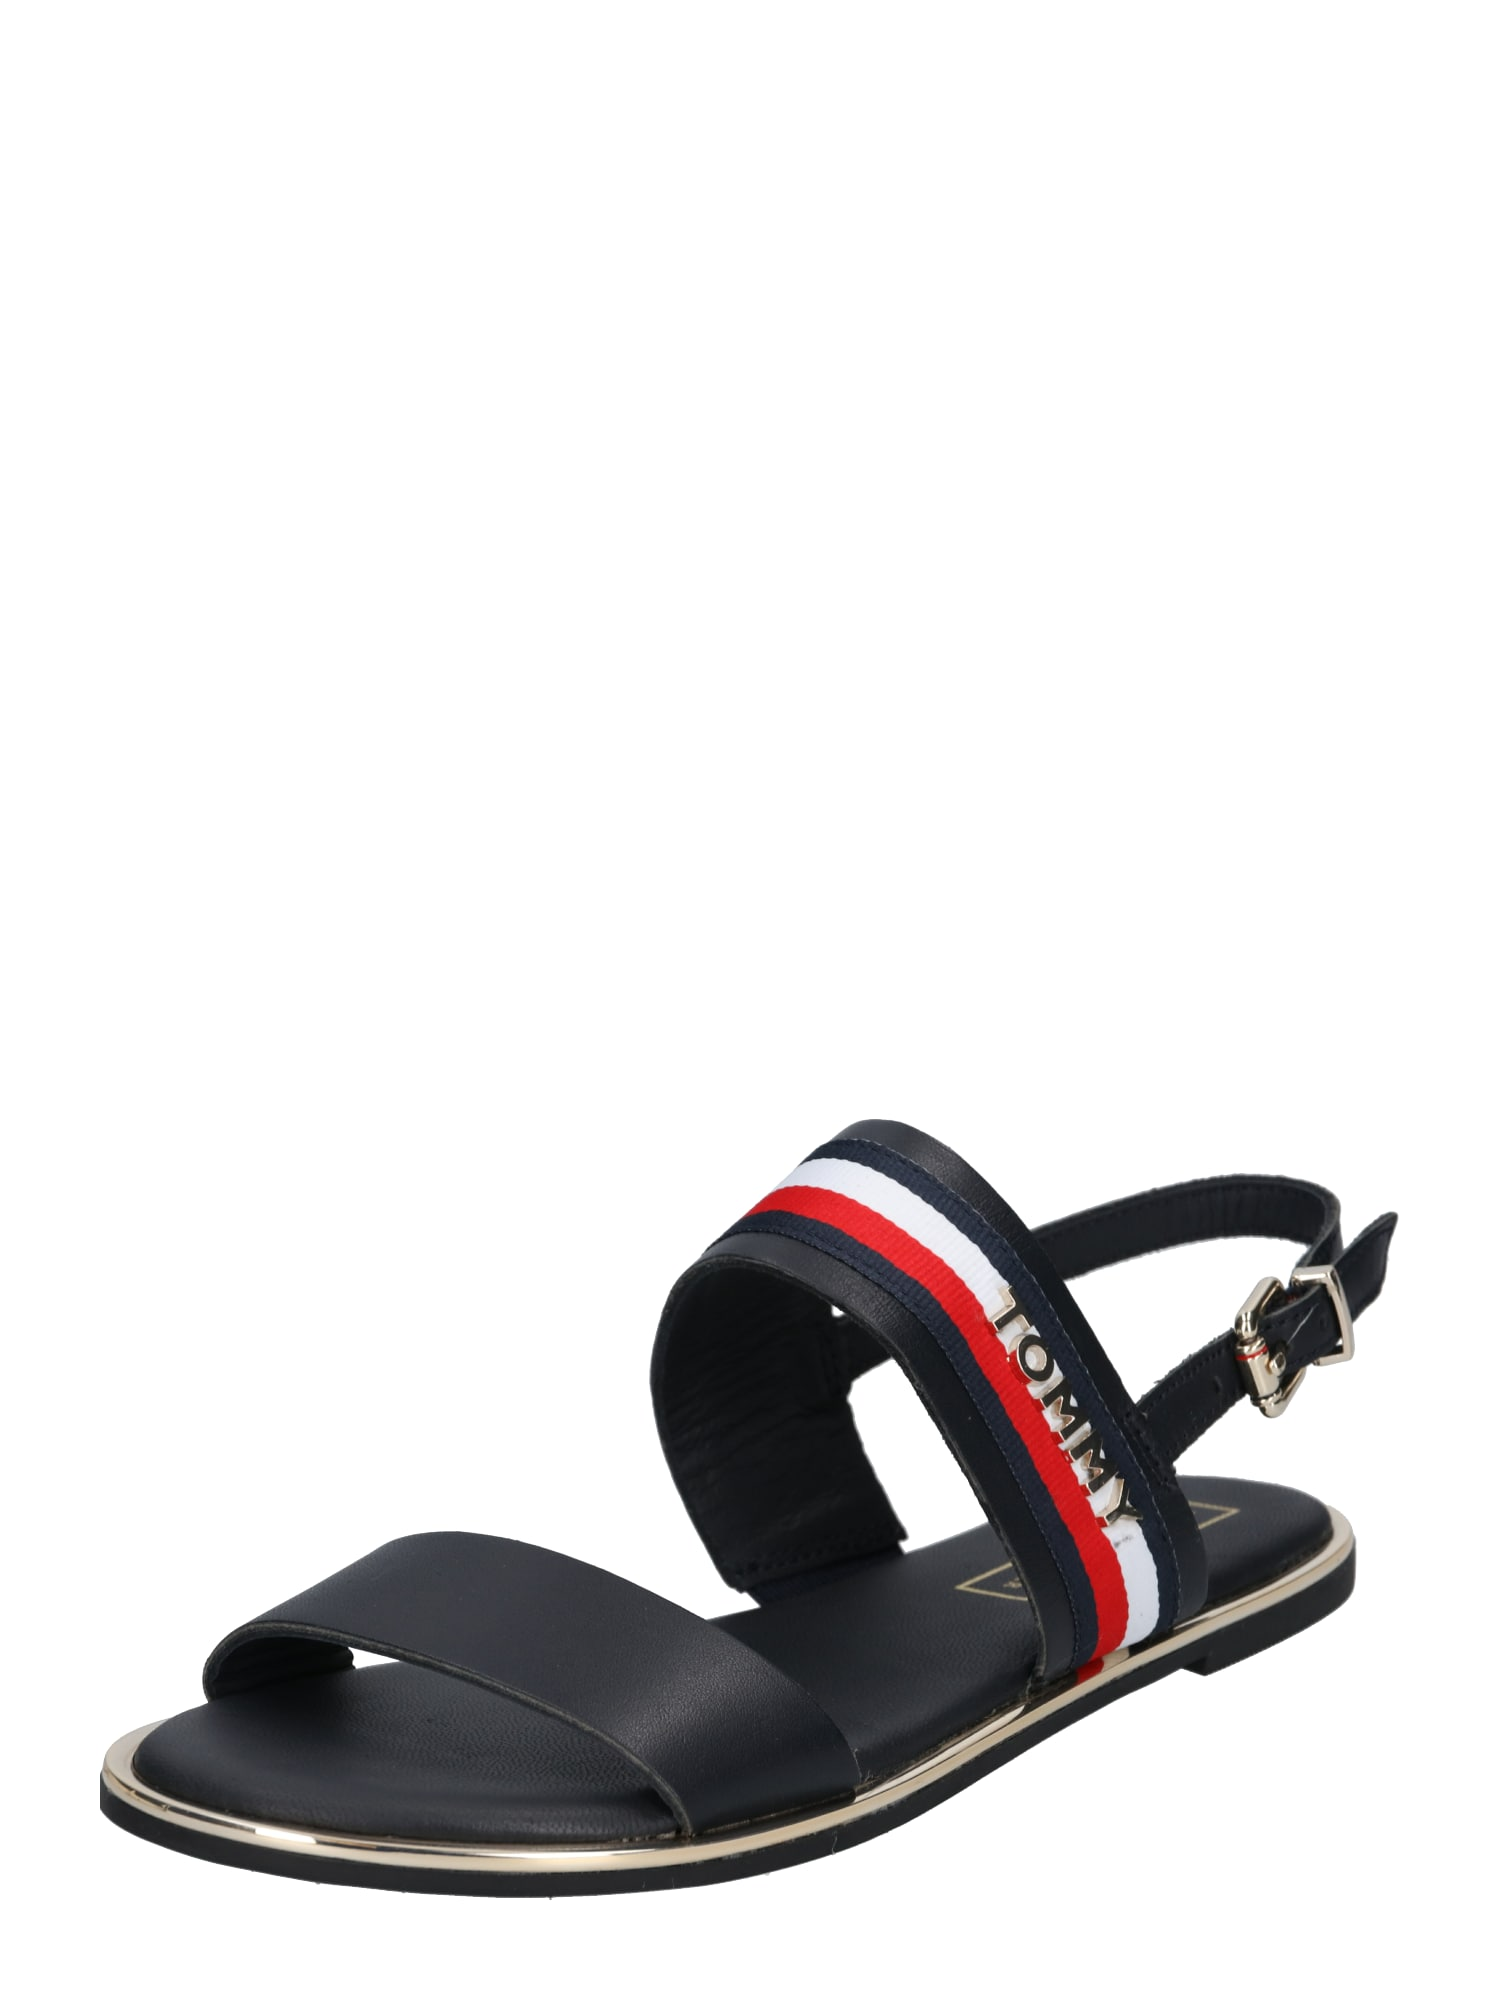 Páskové sandály Jennifer tmavě modrá světle červená bílá TOMMY HILFIGER